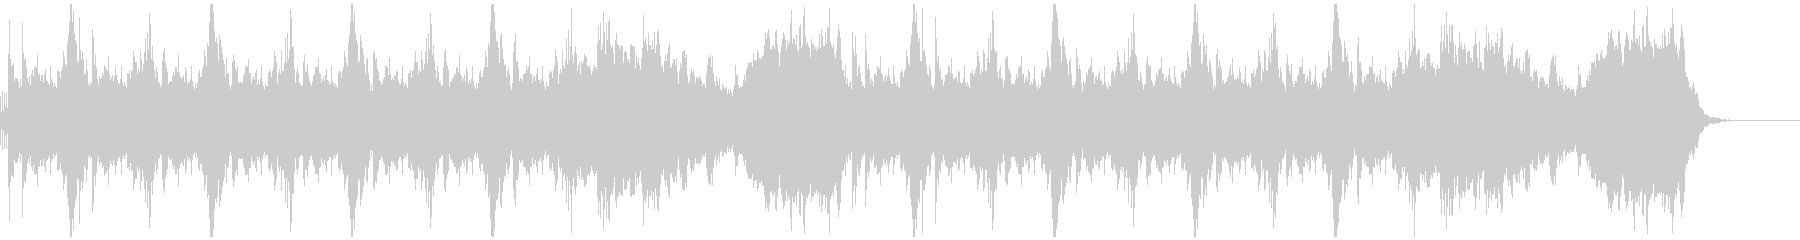 勢いのあるセレクト(選択)画面風サウンドの未再生の波形